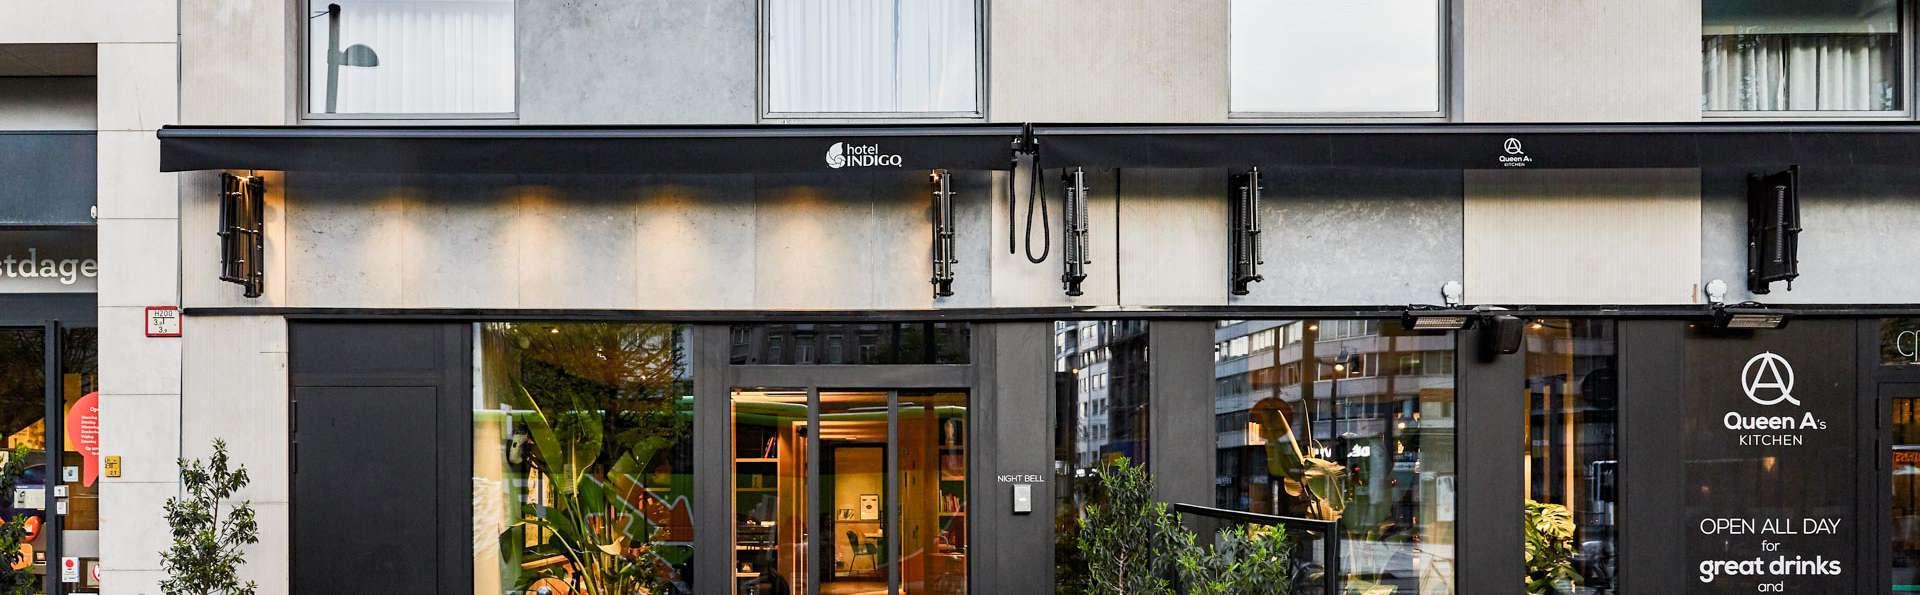 Hotel Indigo Antwerp City Centre - EDIT_FRONT_01.jpg